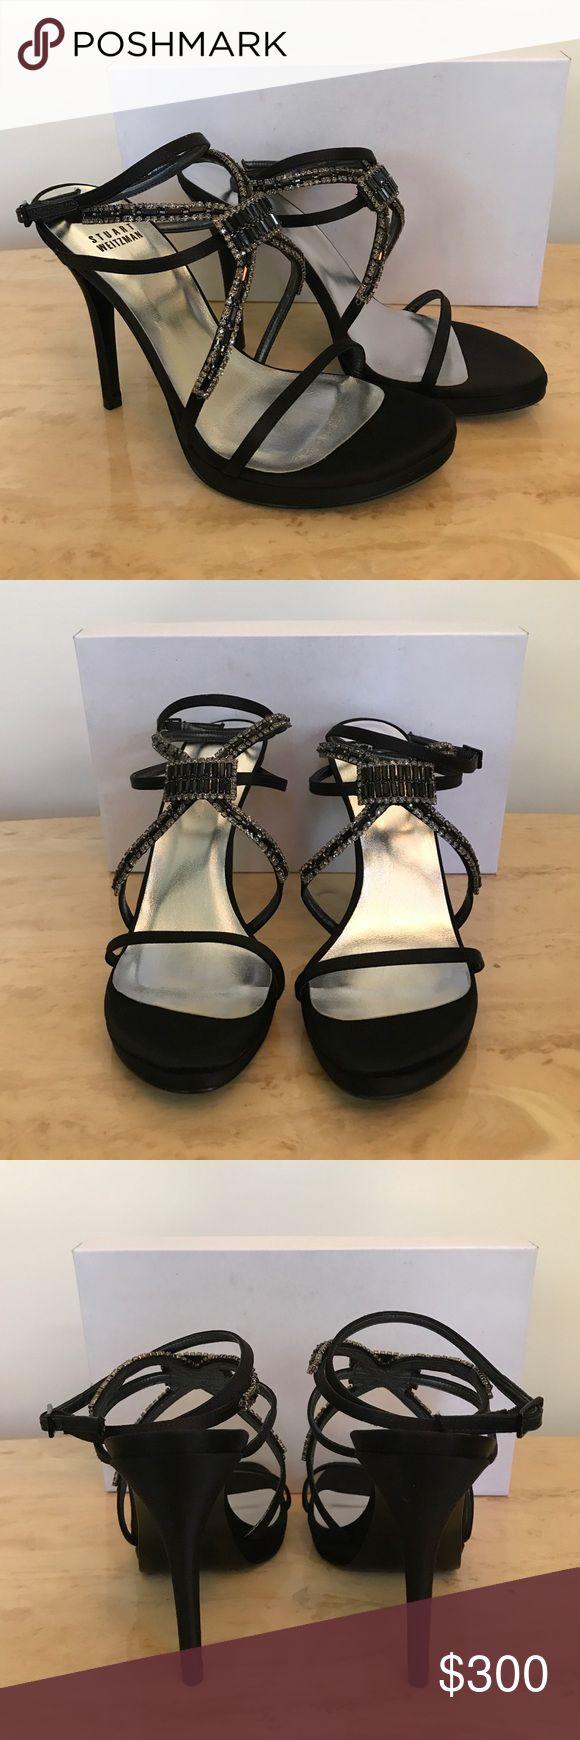 BRAND NEW! Stuart Weitzman Embellished Sandal Black satin embellished sandal never been worn. Comes with original box. Make an offer or bundle for additional savings. Stuart Weitzman Shoes Sandals